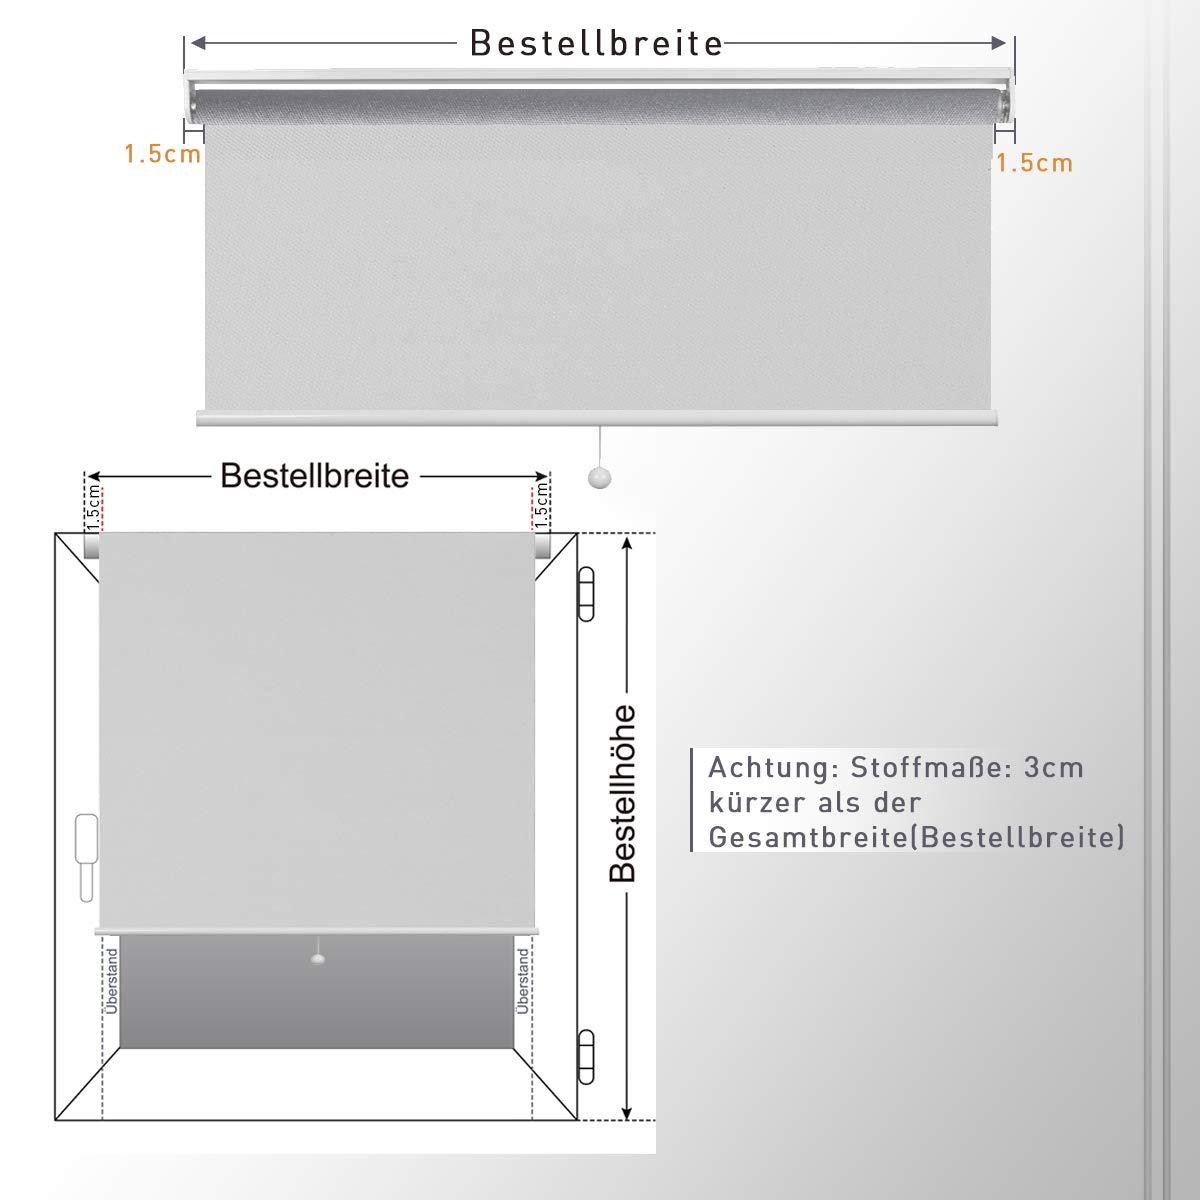 HOMEDEMO Store Enrouleur occultant de Ressort 60 x 195 cm Blanc,Rideau de Levage r/églable,Store occultant Printemps Automatique pour Fen/êtres Isolant Thermique Opaque